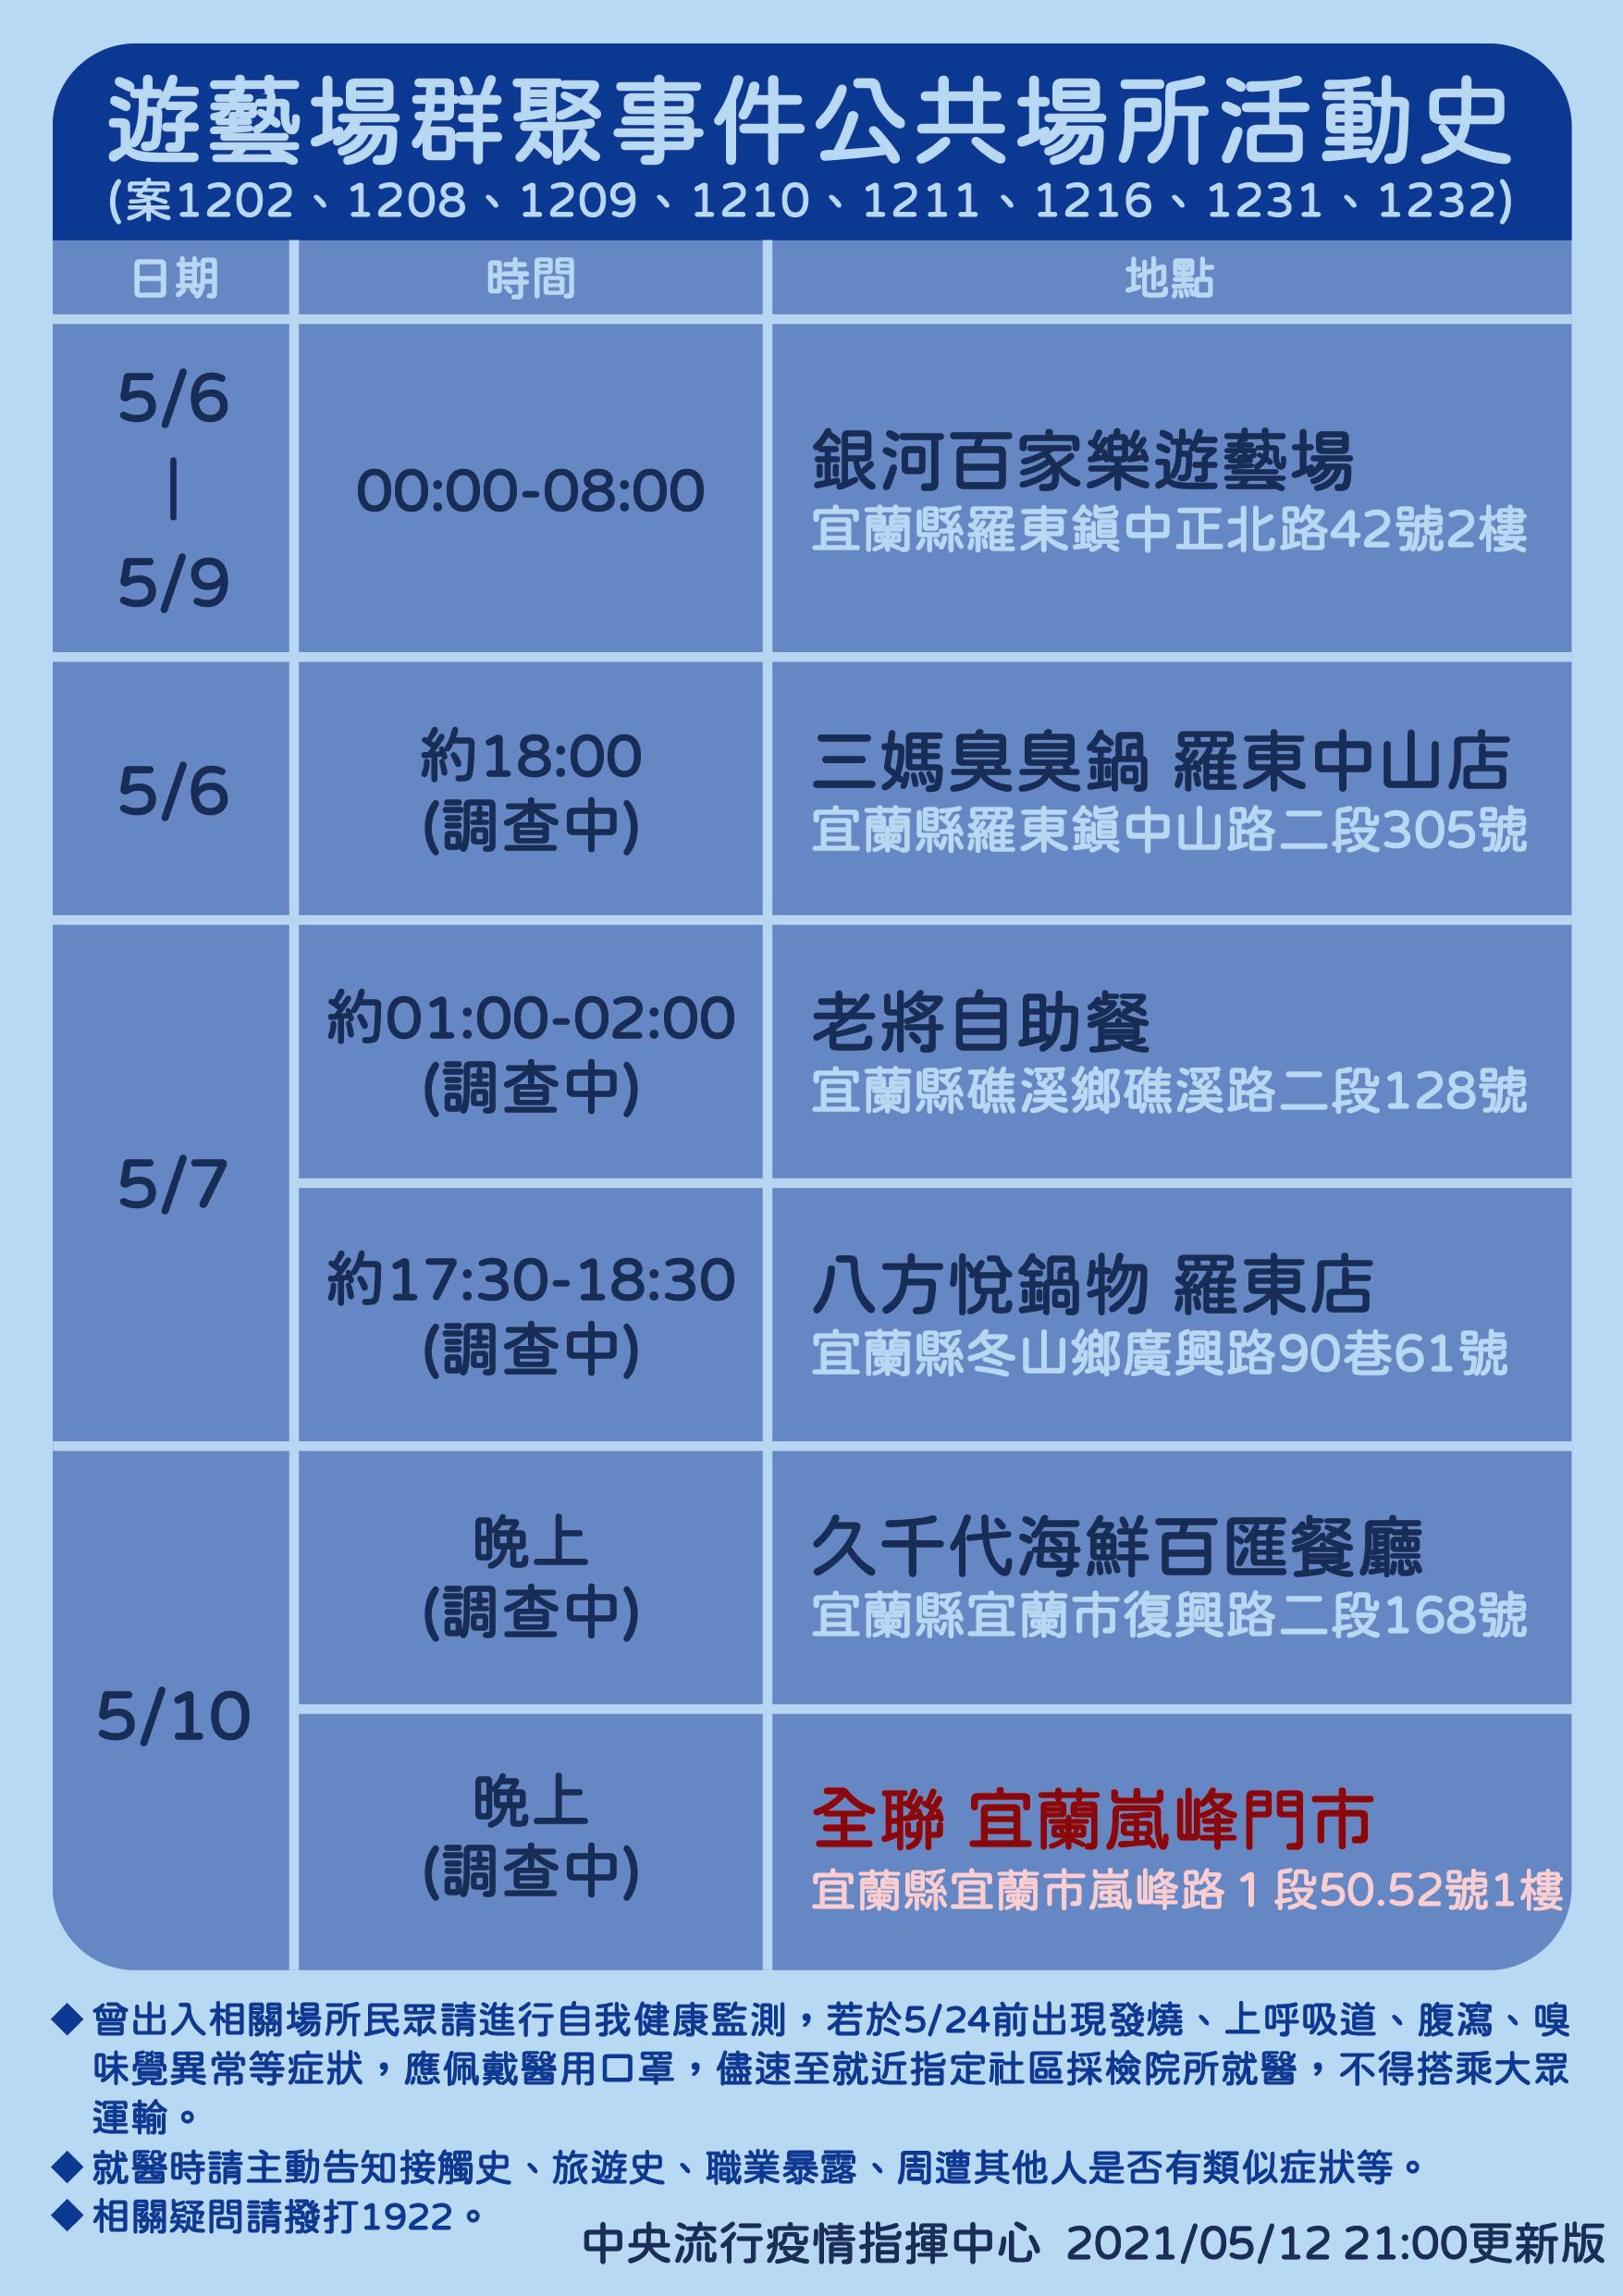 一天暴增16名本土個案!台北基隆3人「感染源不明」 指揮中心啟動防疫6大方向